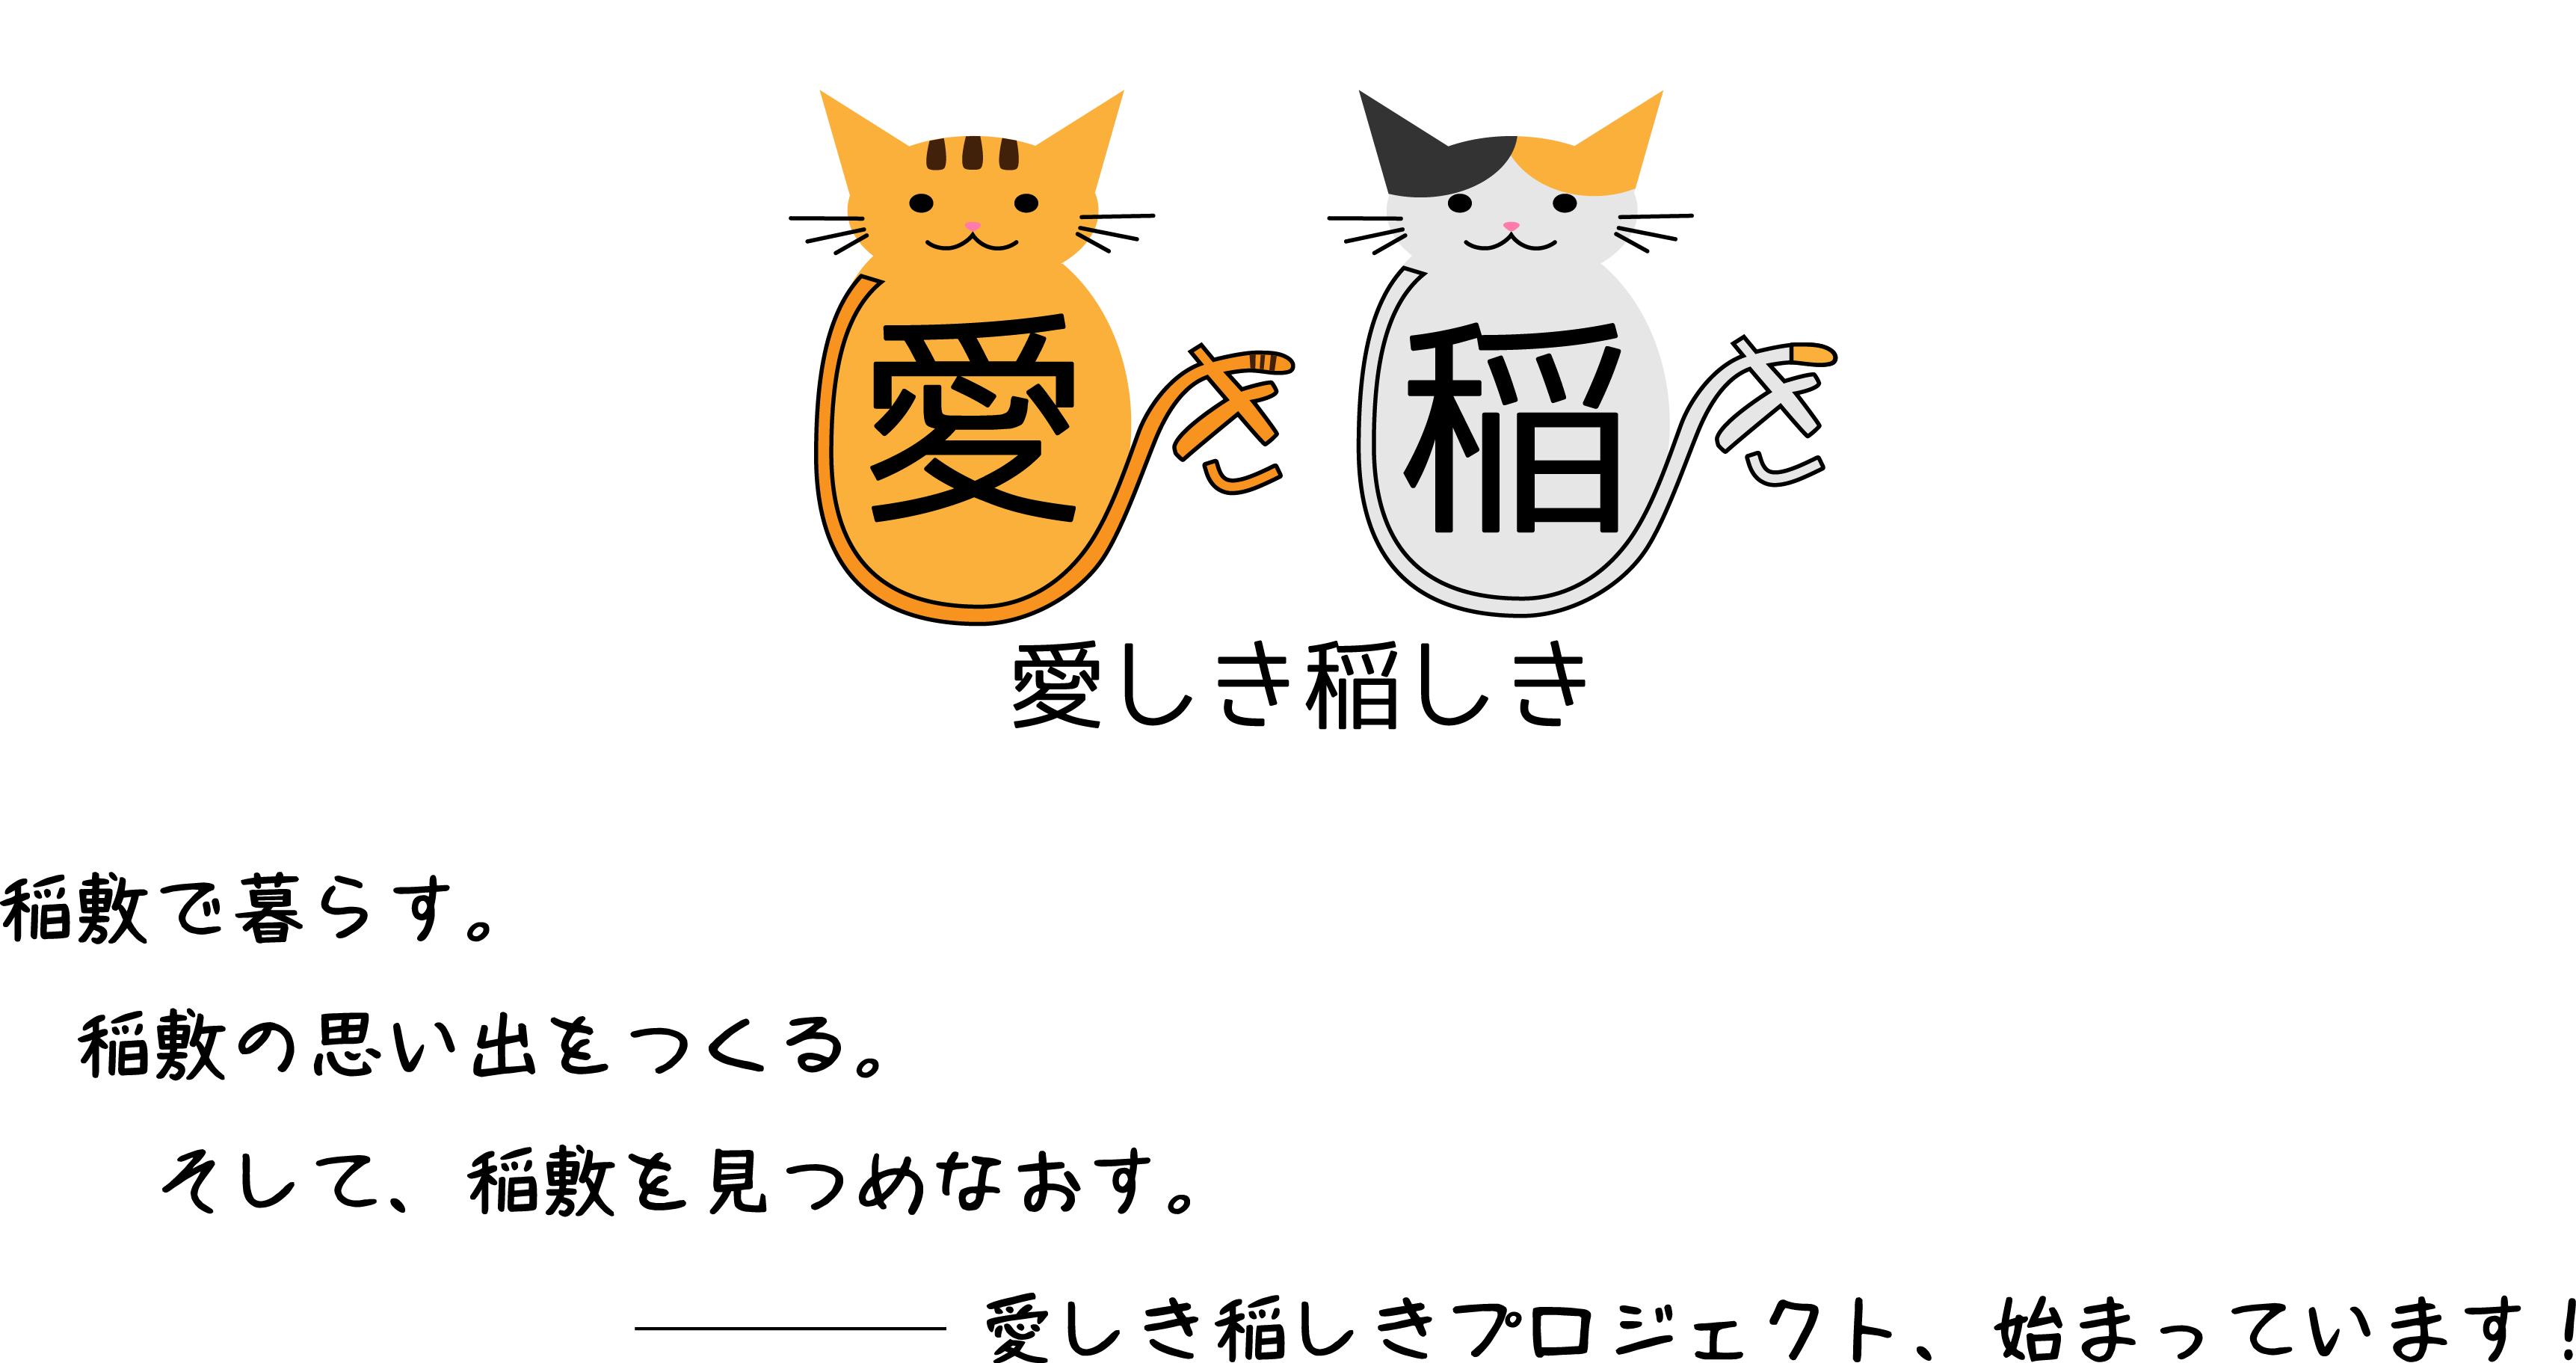 『愛しき稲しきネコ』の画像